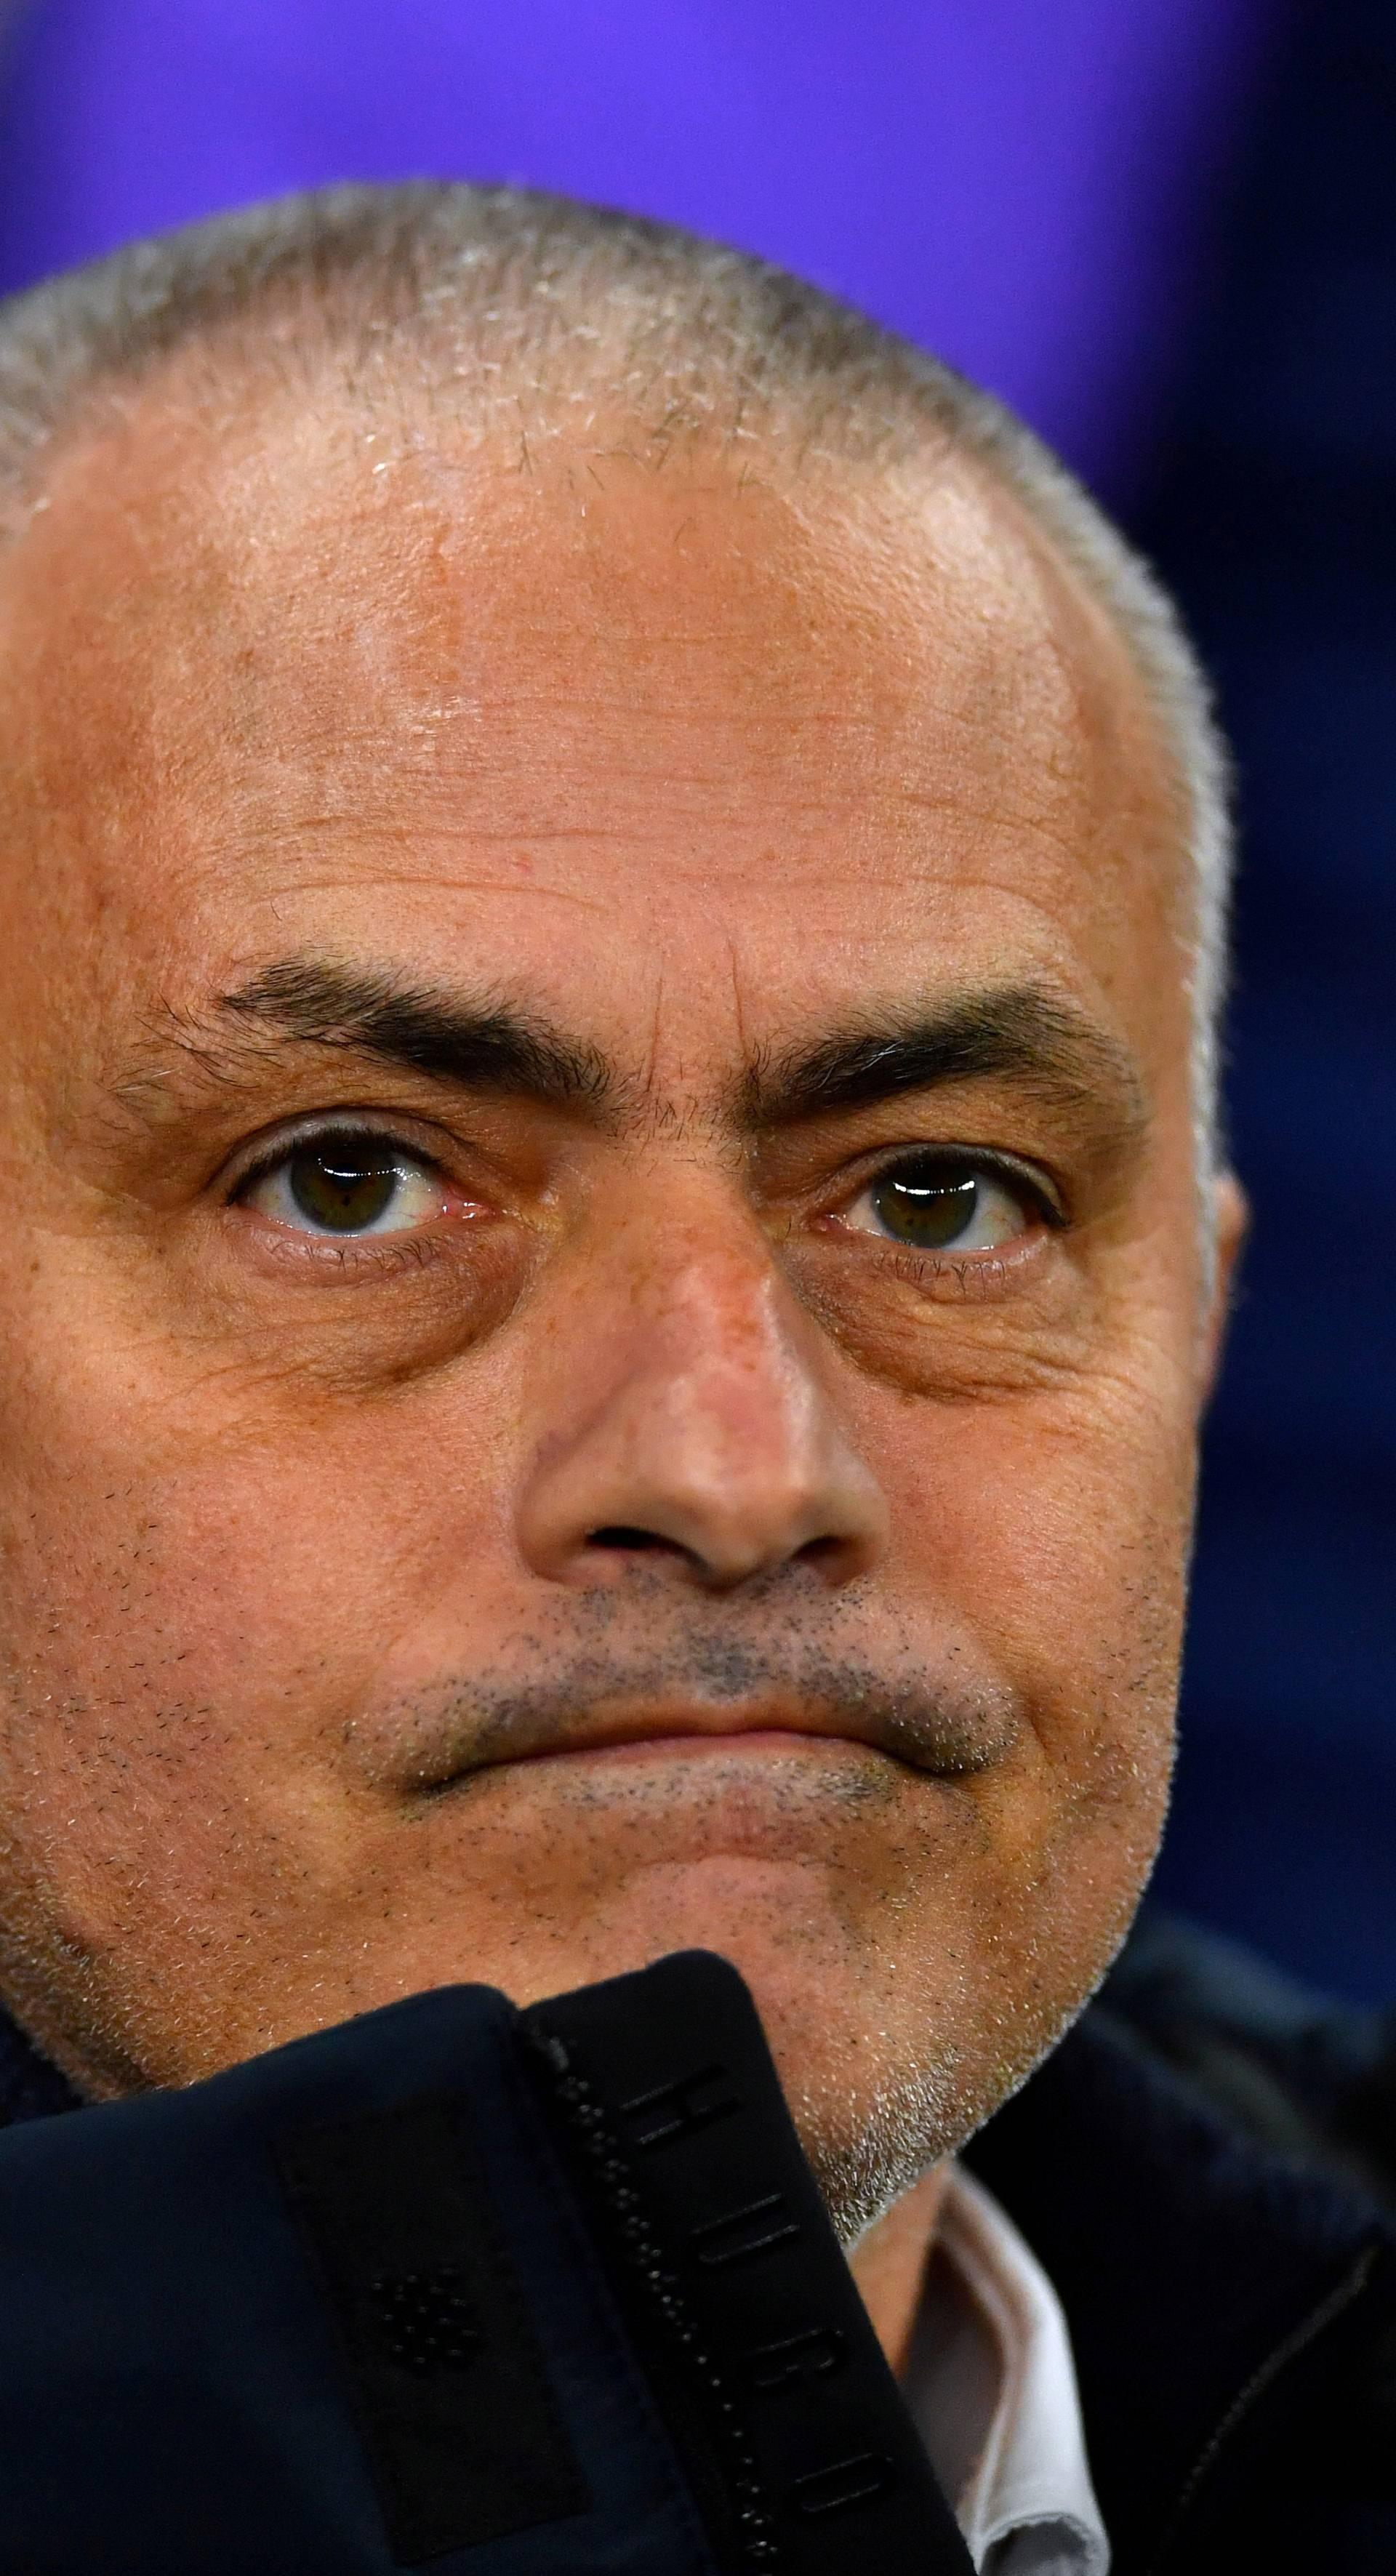 Korona u Premier ligi: Jedna osoba zaražena u Tottenhamu